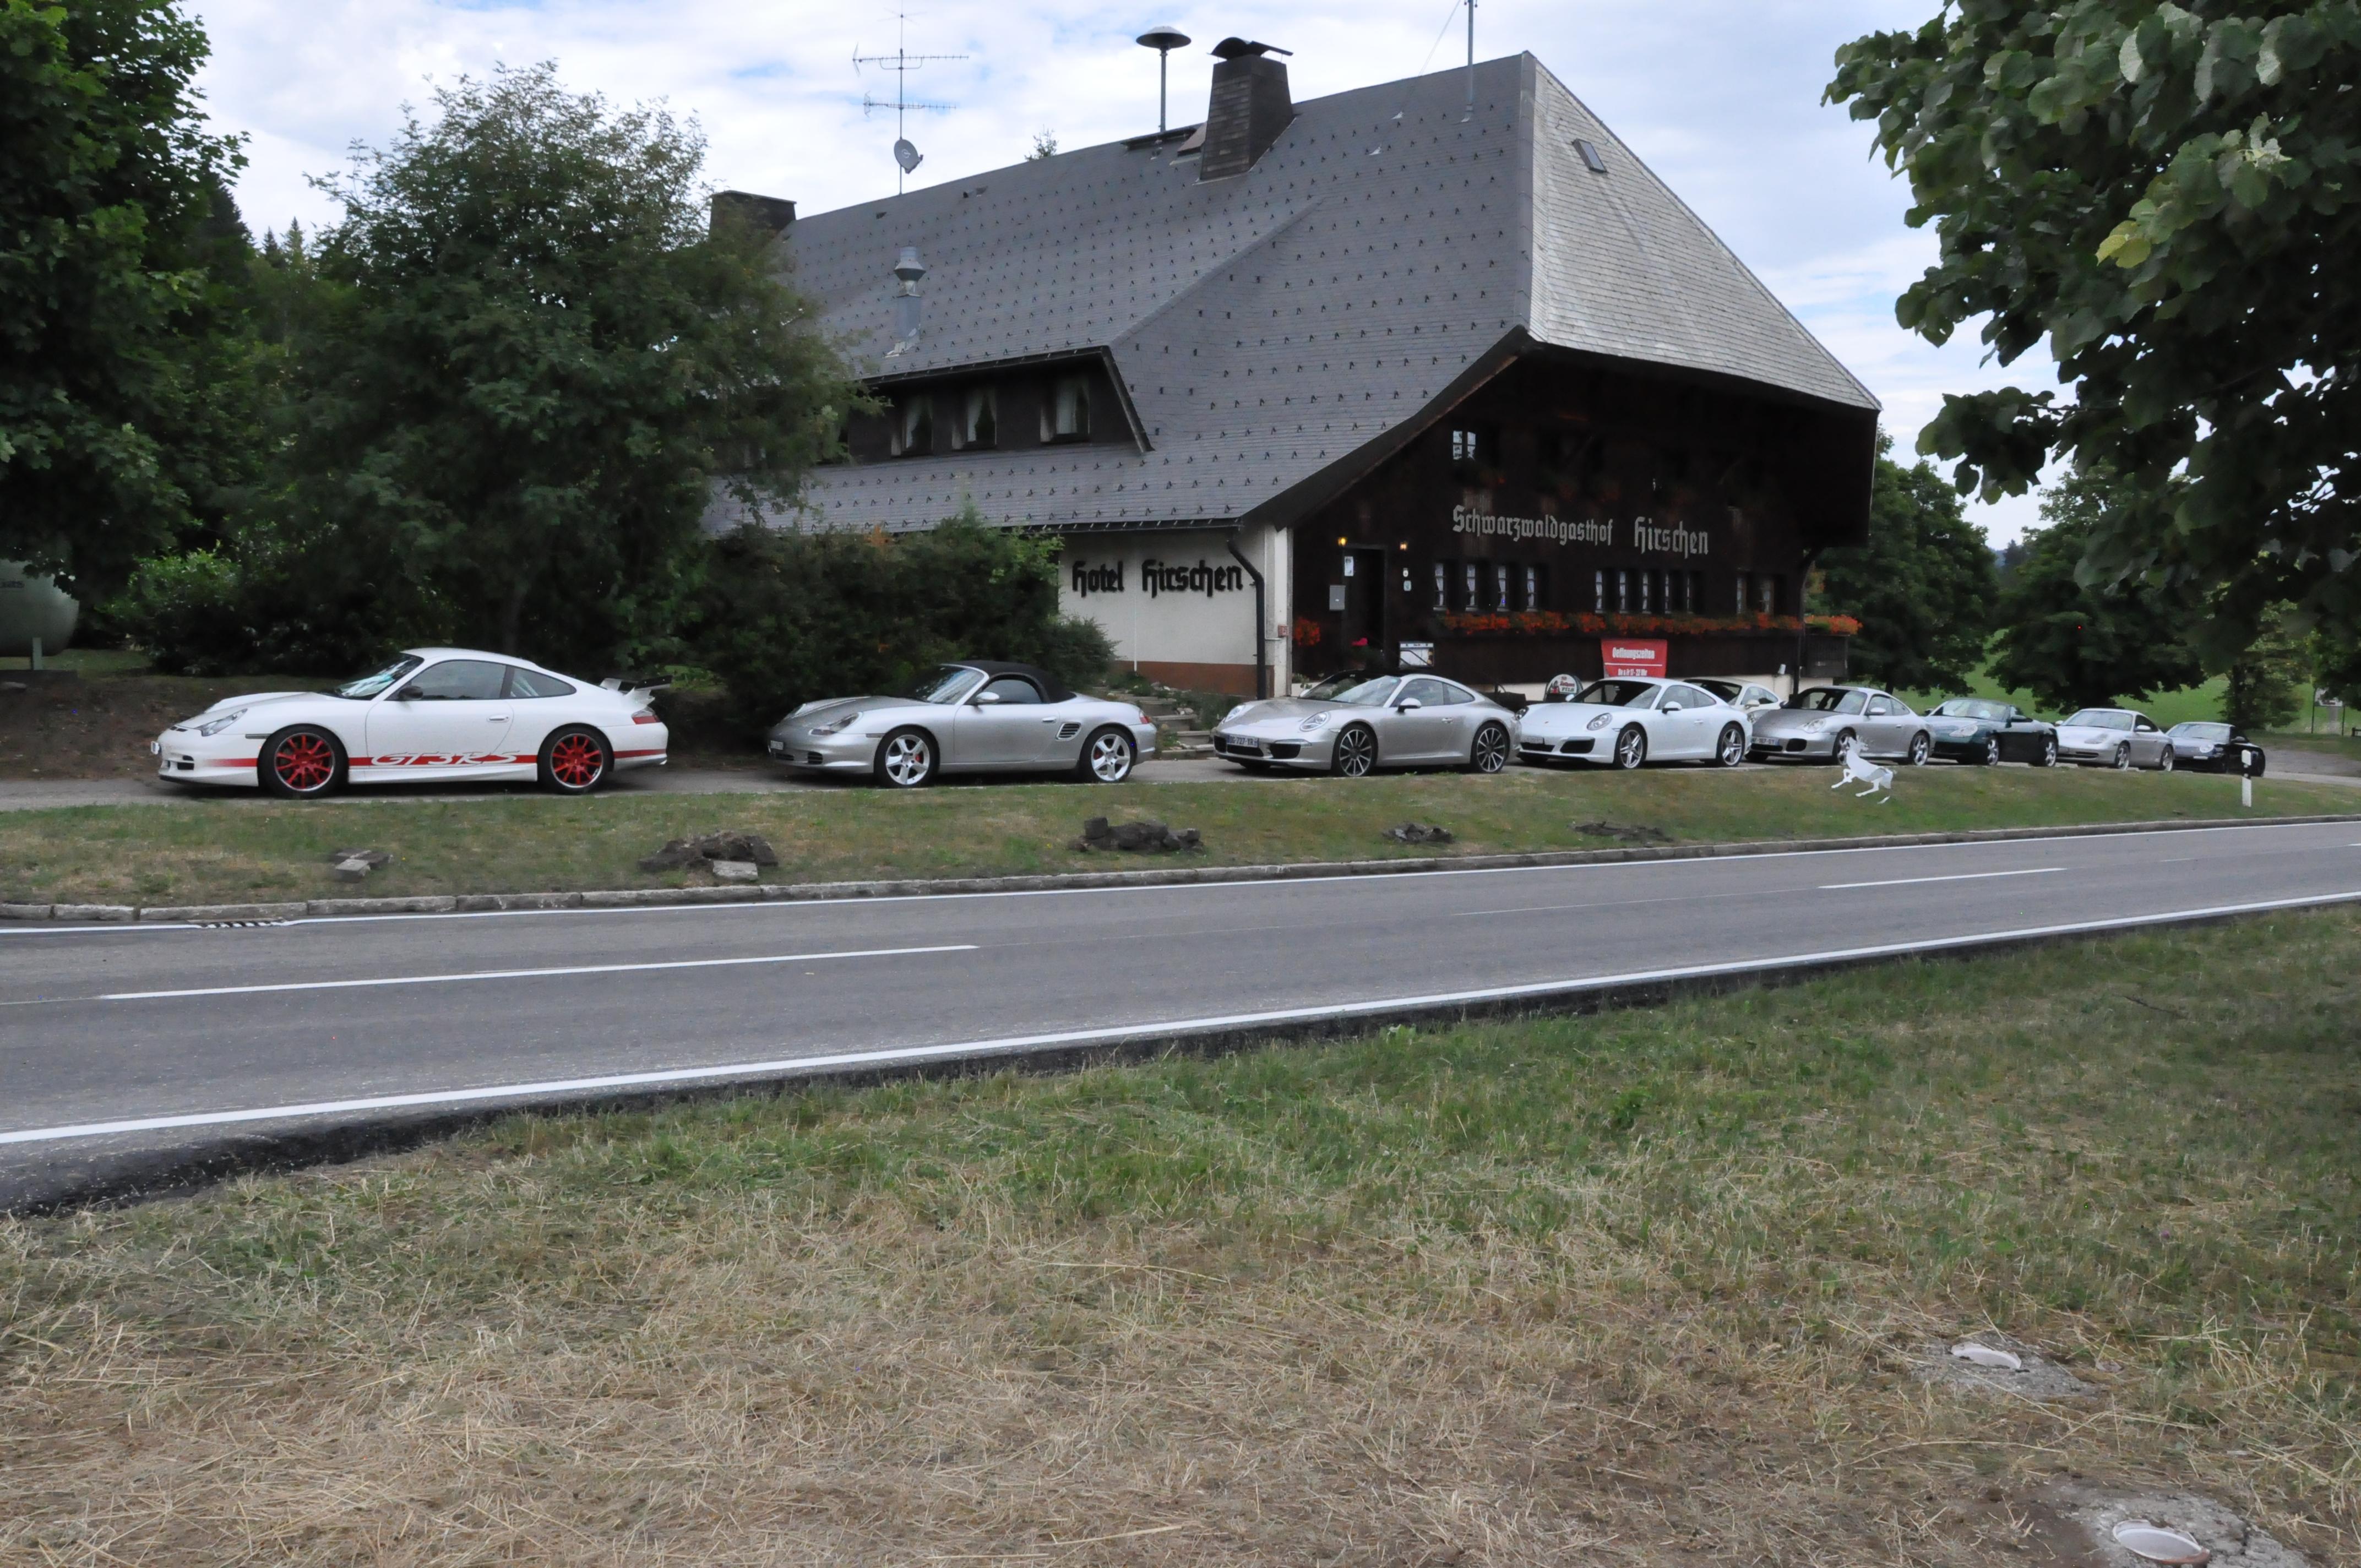 Hirschen Porscheevent